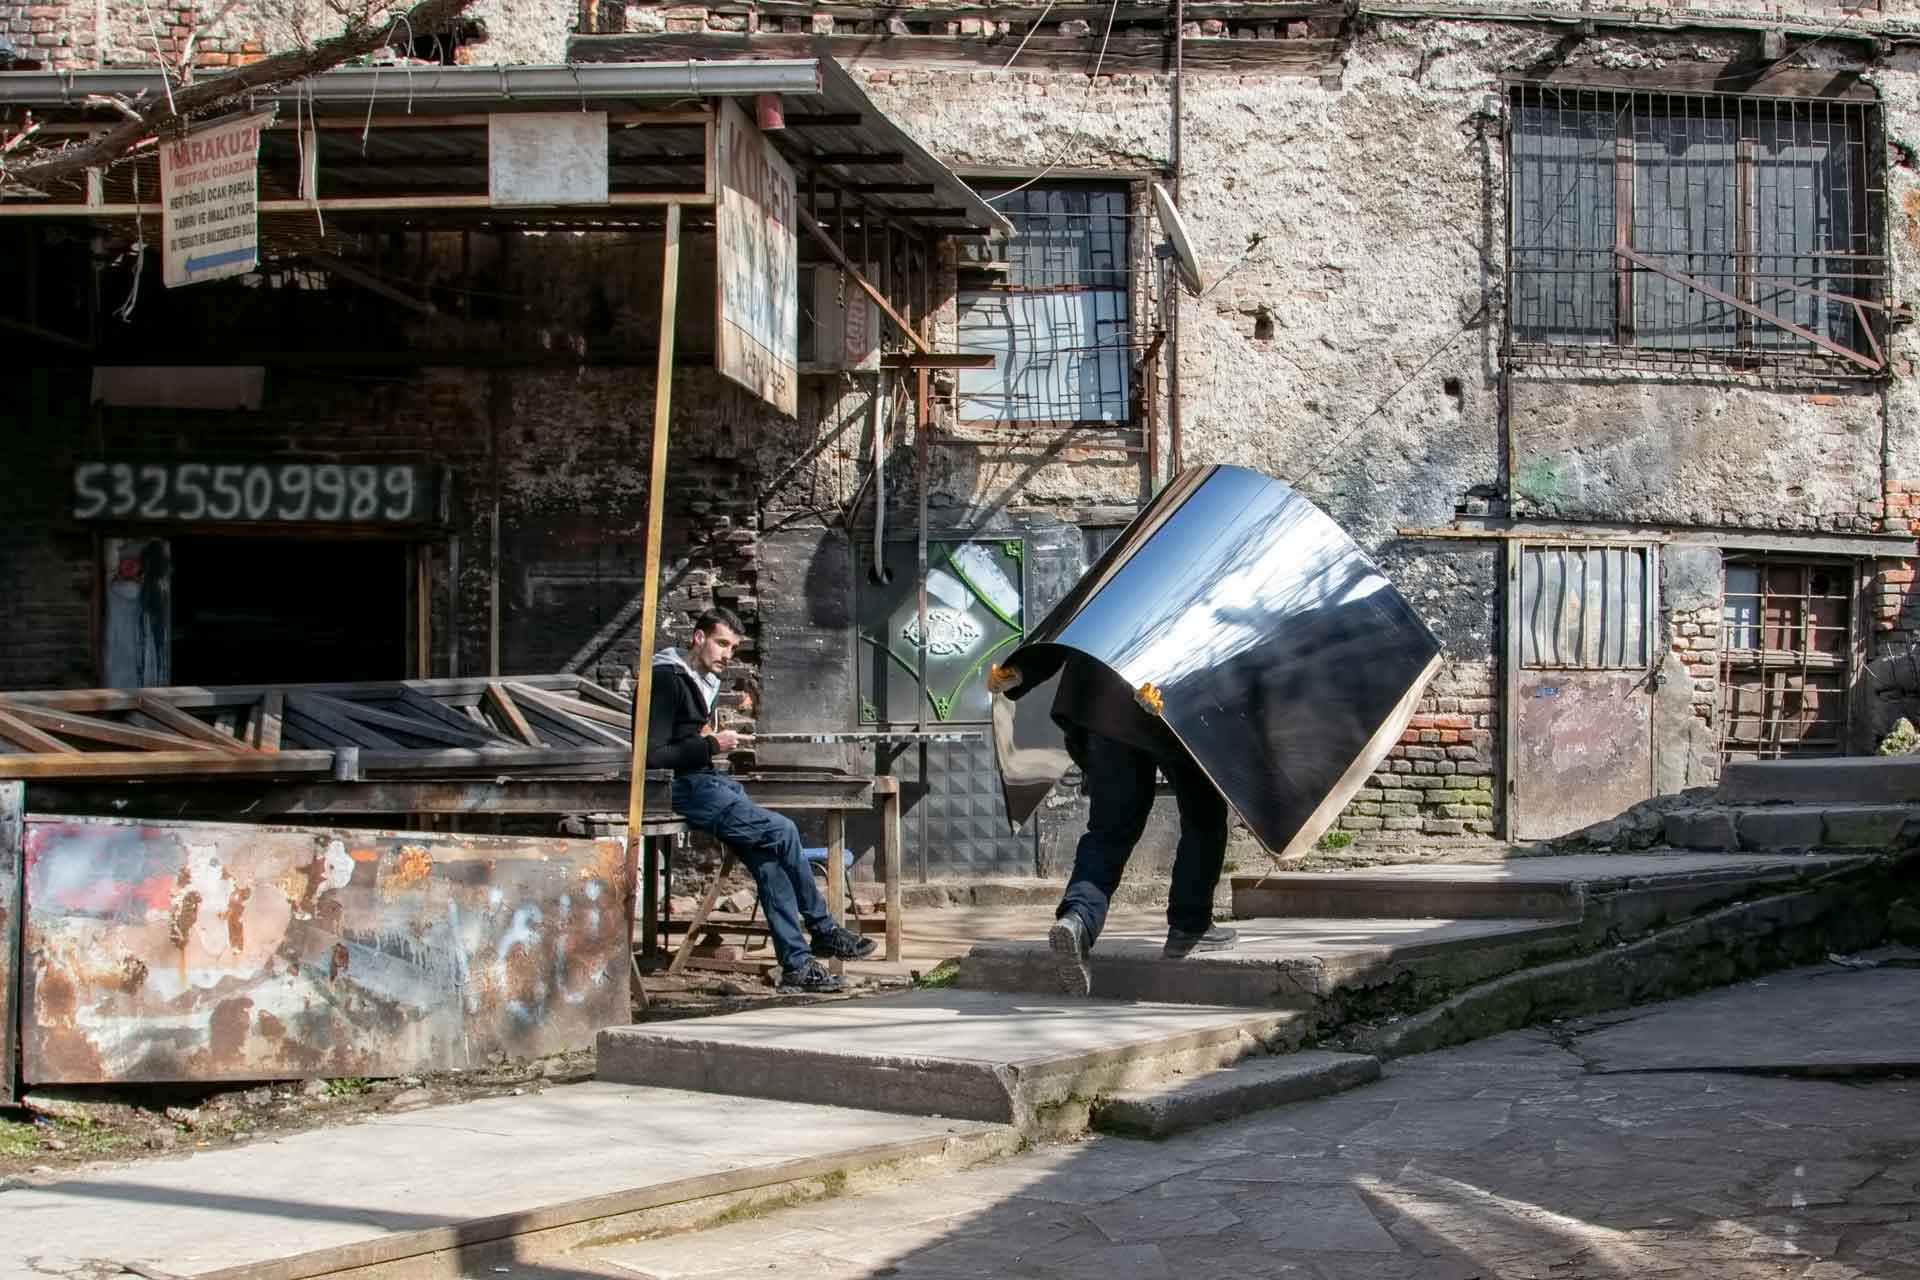 Yansıyan Profil Taşıyan Demirci Ankara Fotoğrafları Ankara Sokakları Ankara Resimler Gezgin Fotoğrafçı Çekergezer Hakan Aydın